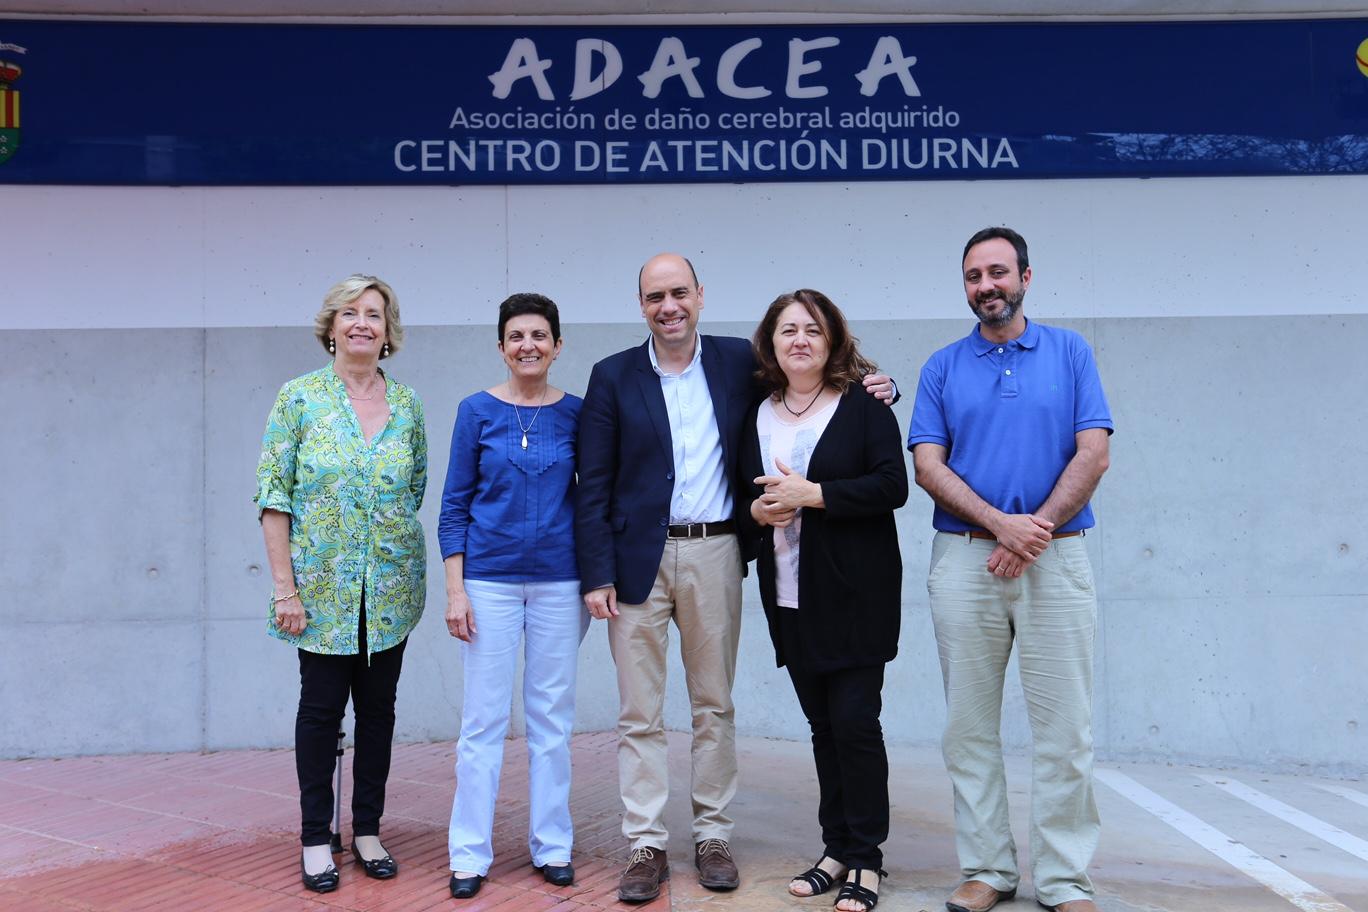 VISITA ALCALDE ALICANTE A ADACEA